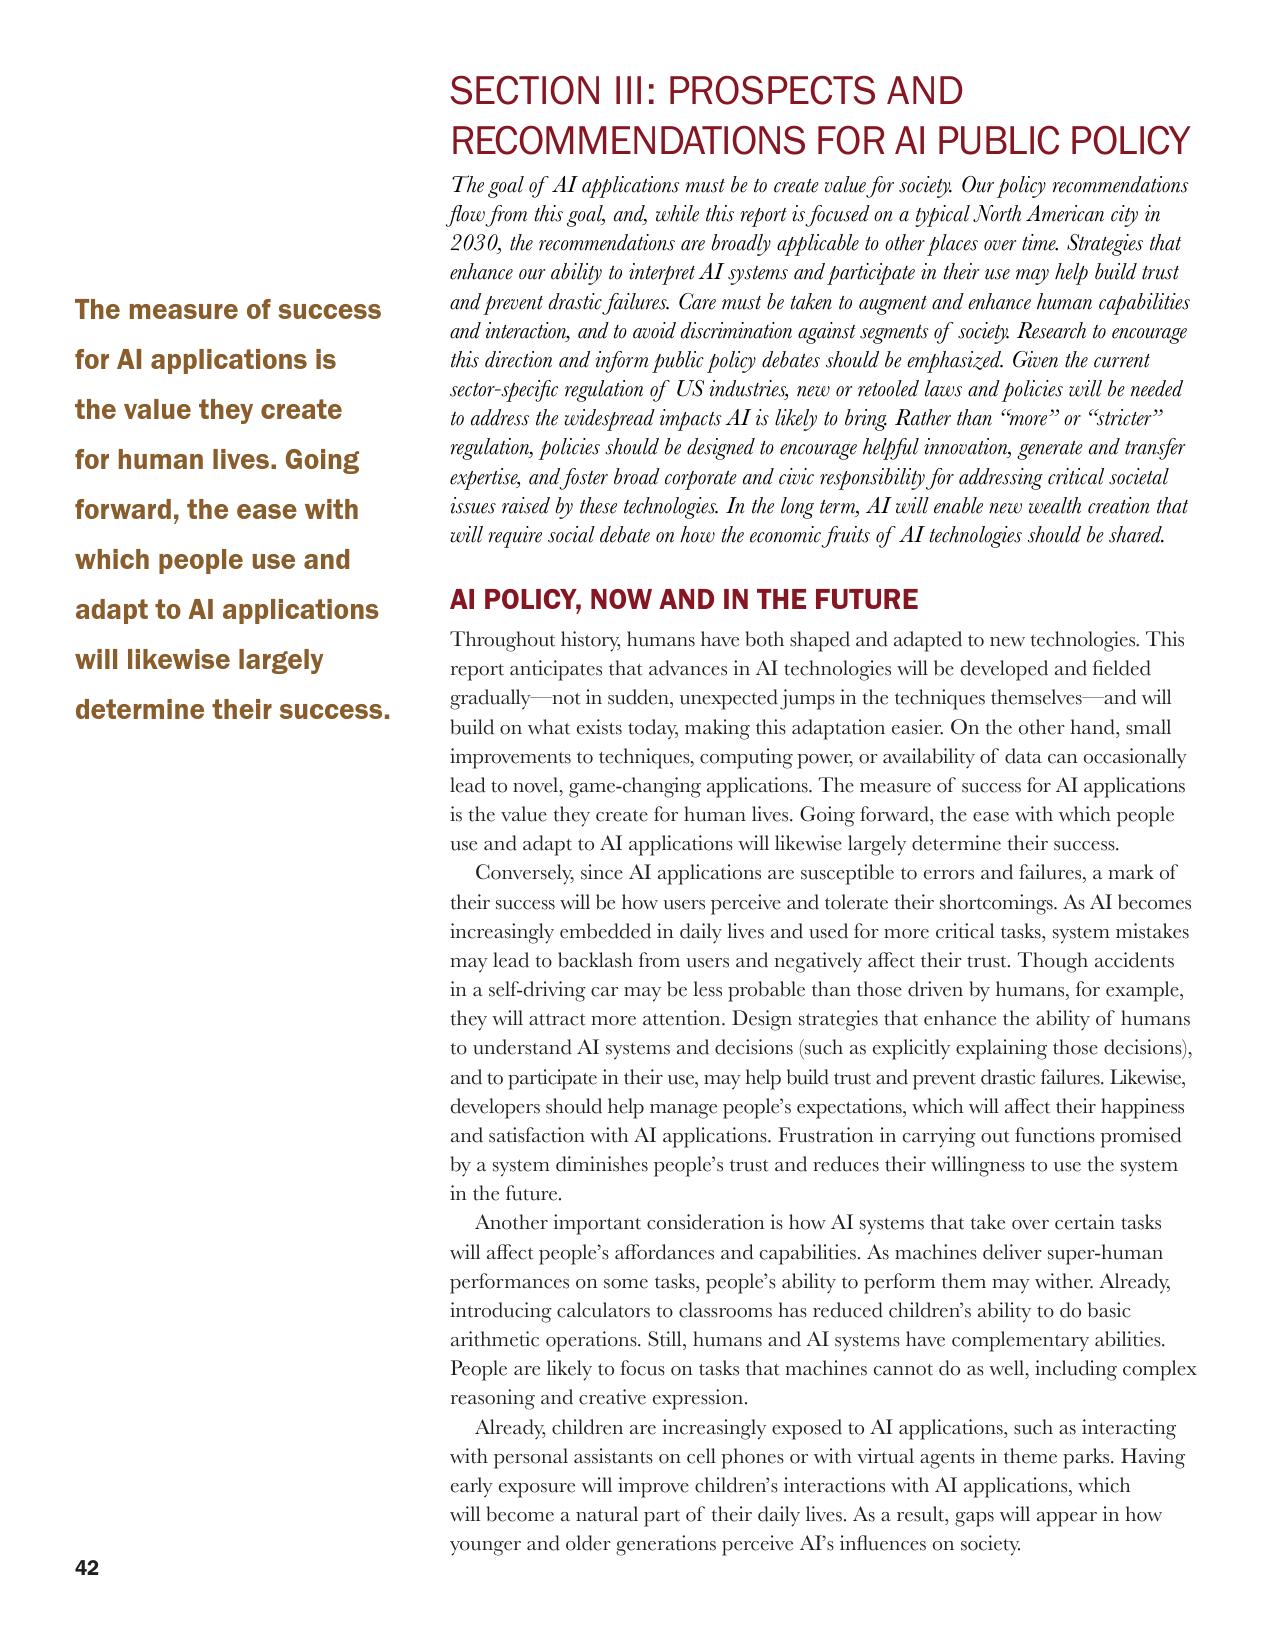 斯坦福:2030年的人工智能与人类生活_000042